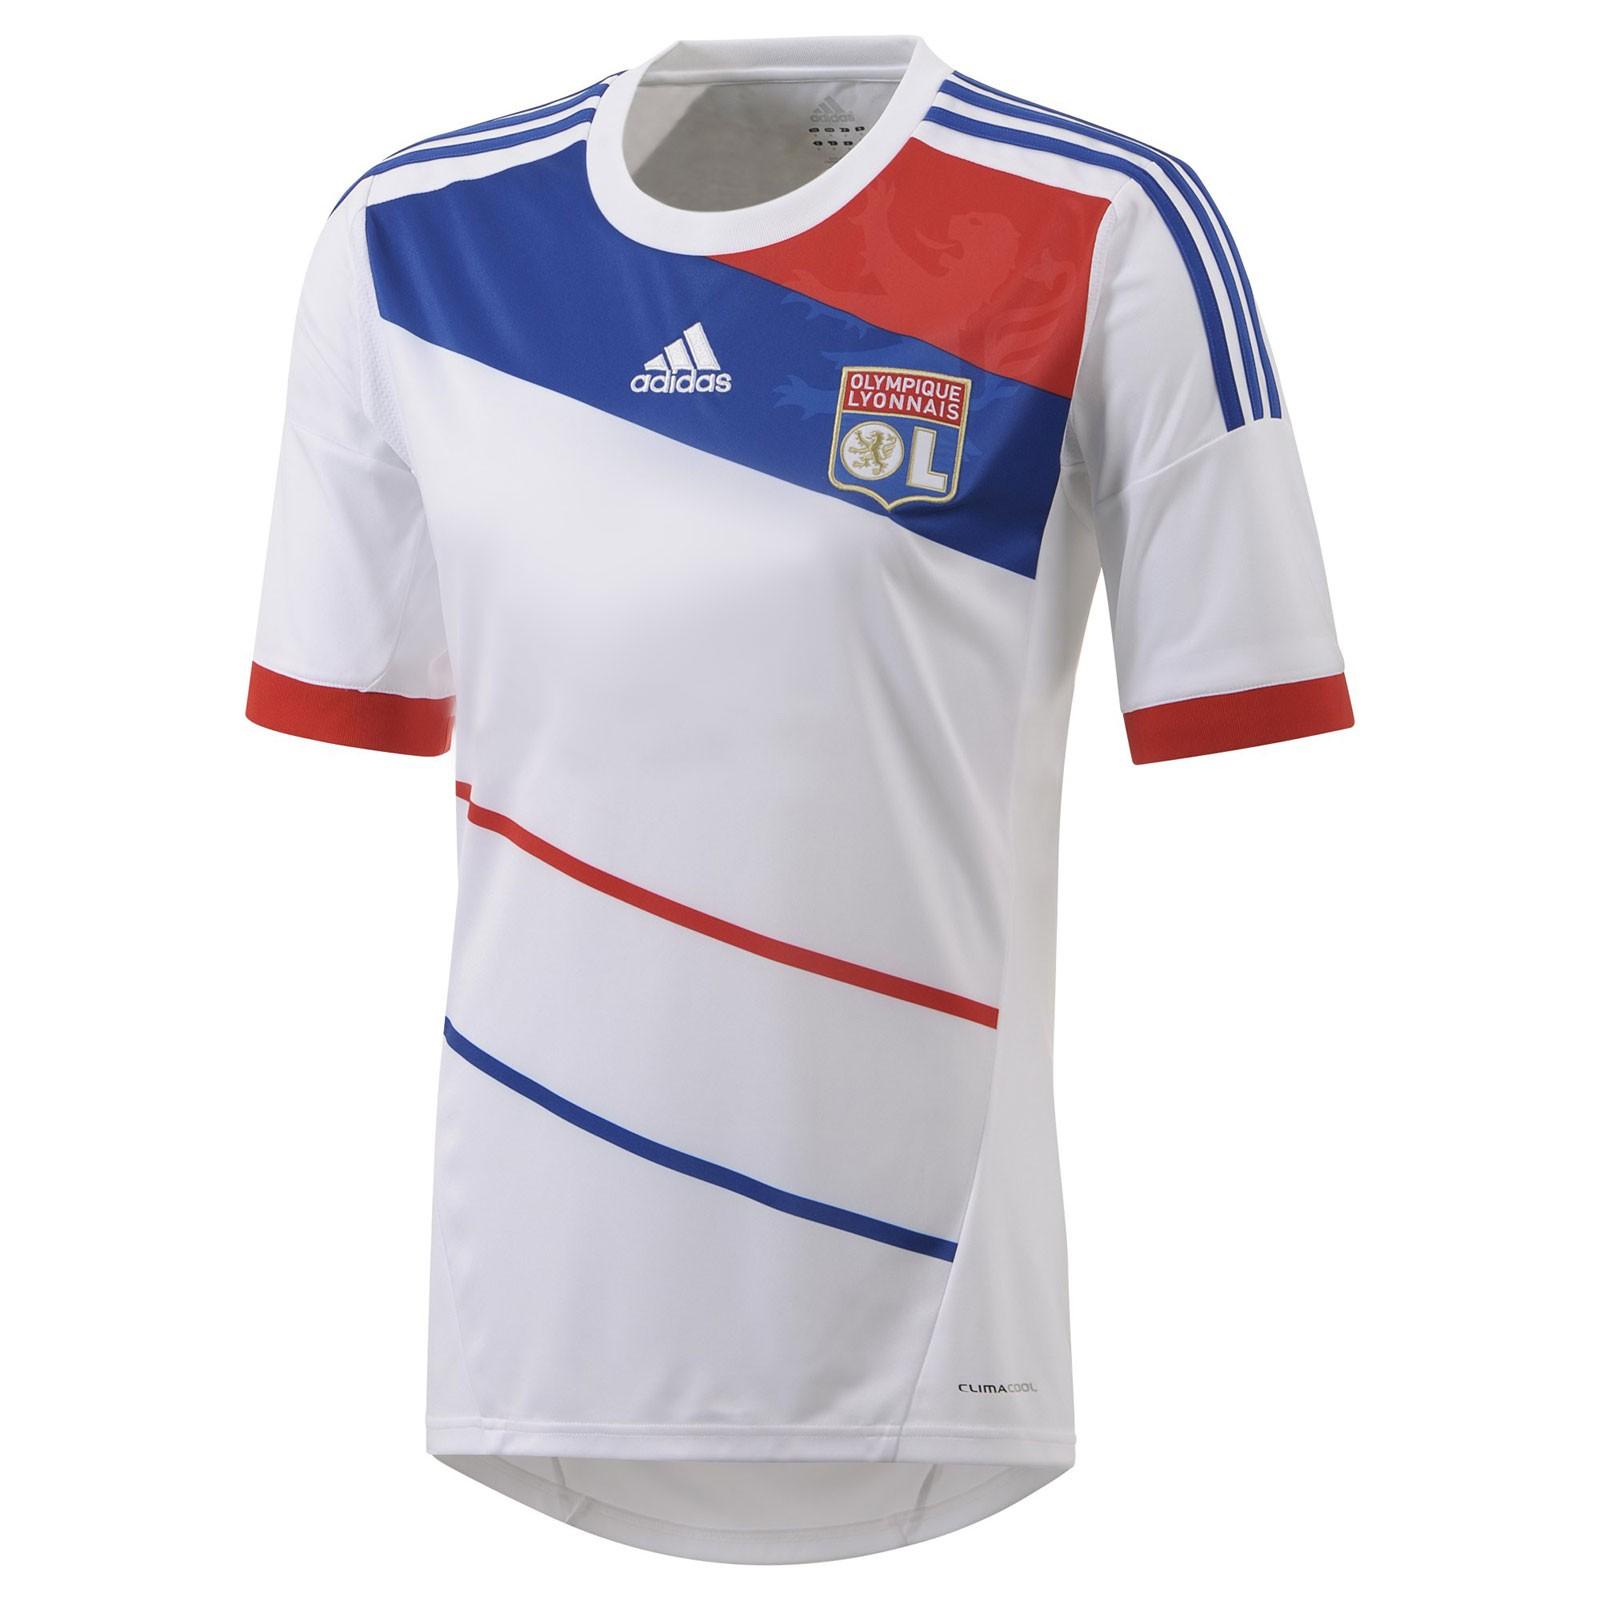 里昂2012/13赛季球迷版主场球衣